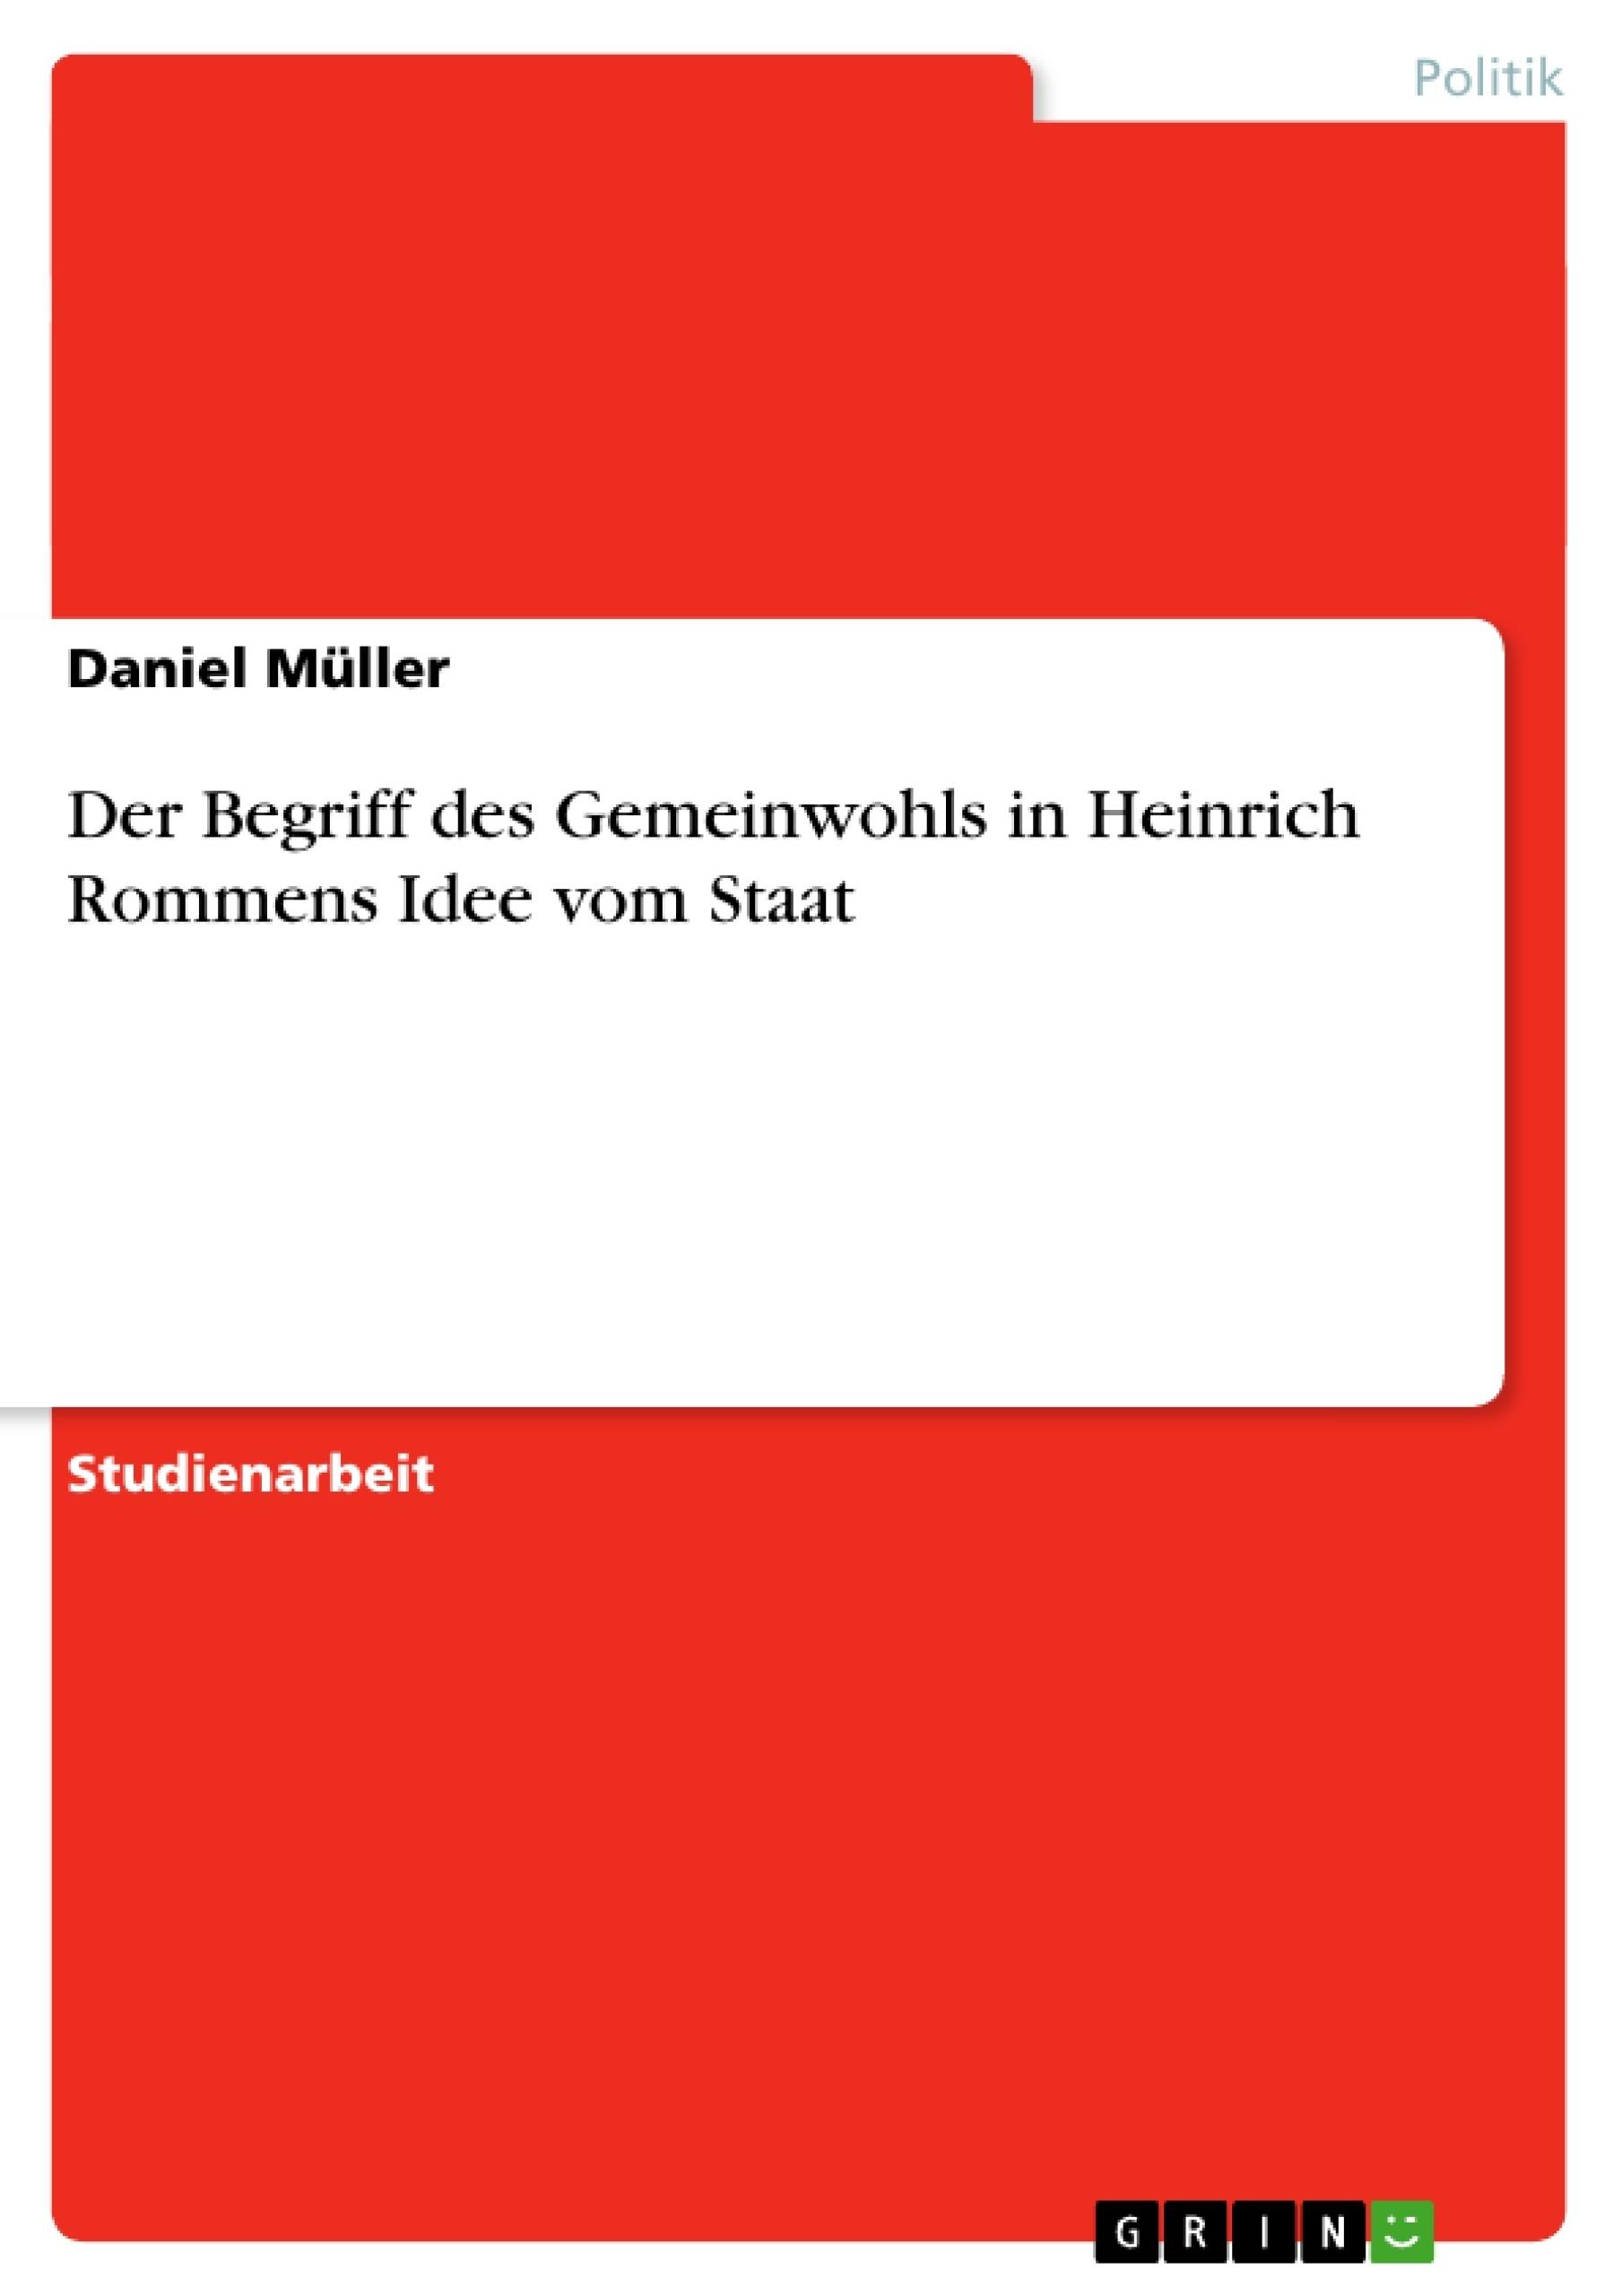 Titel: Der Begriff des Gemeinwohls in Heinrich Rommens Idee vom Staat